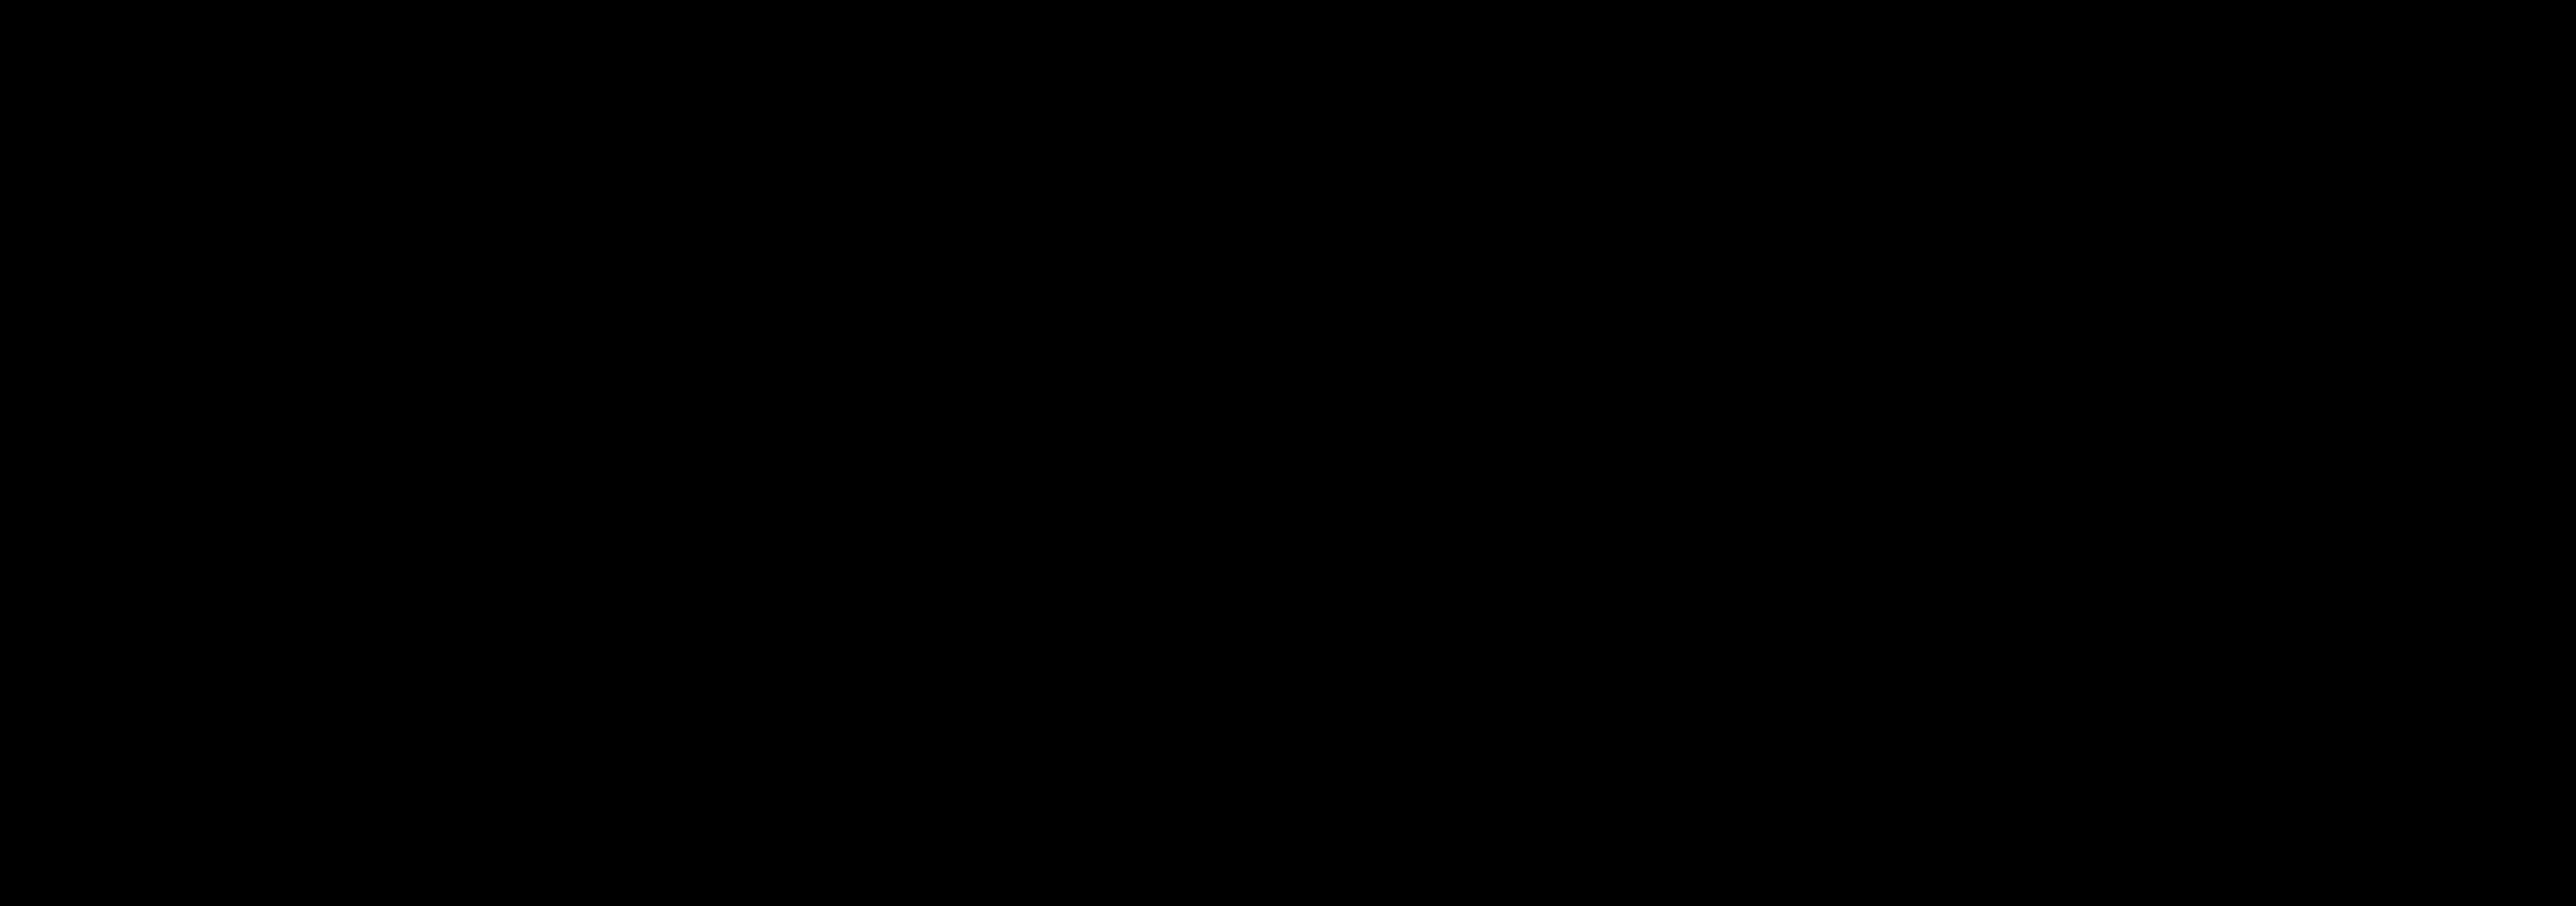 N-(8-(Propionamido-3